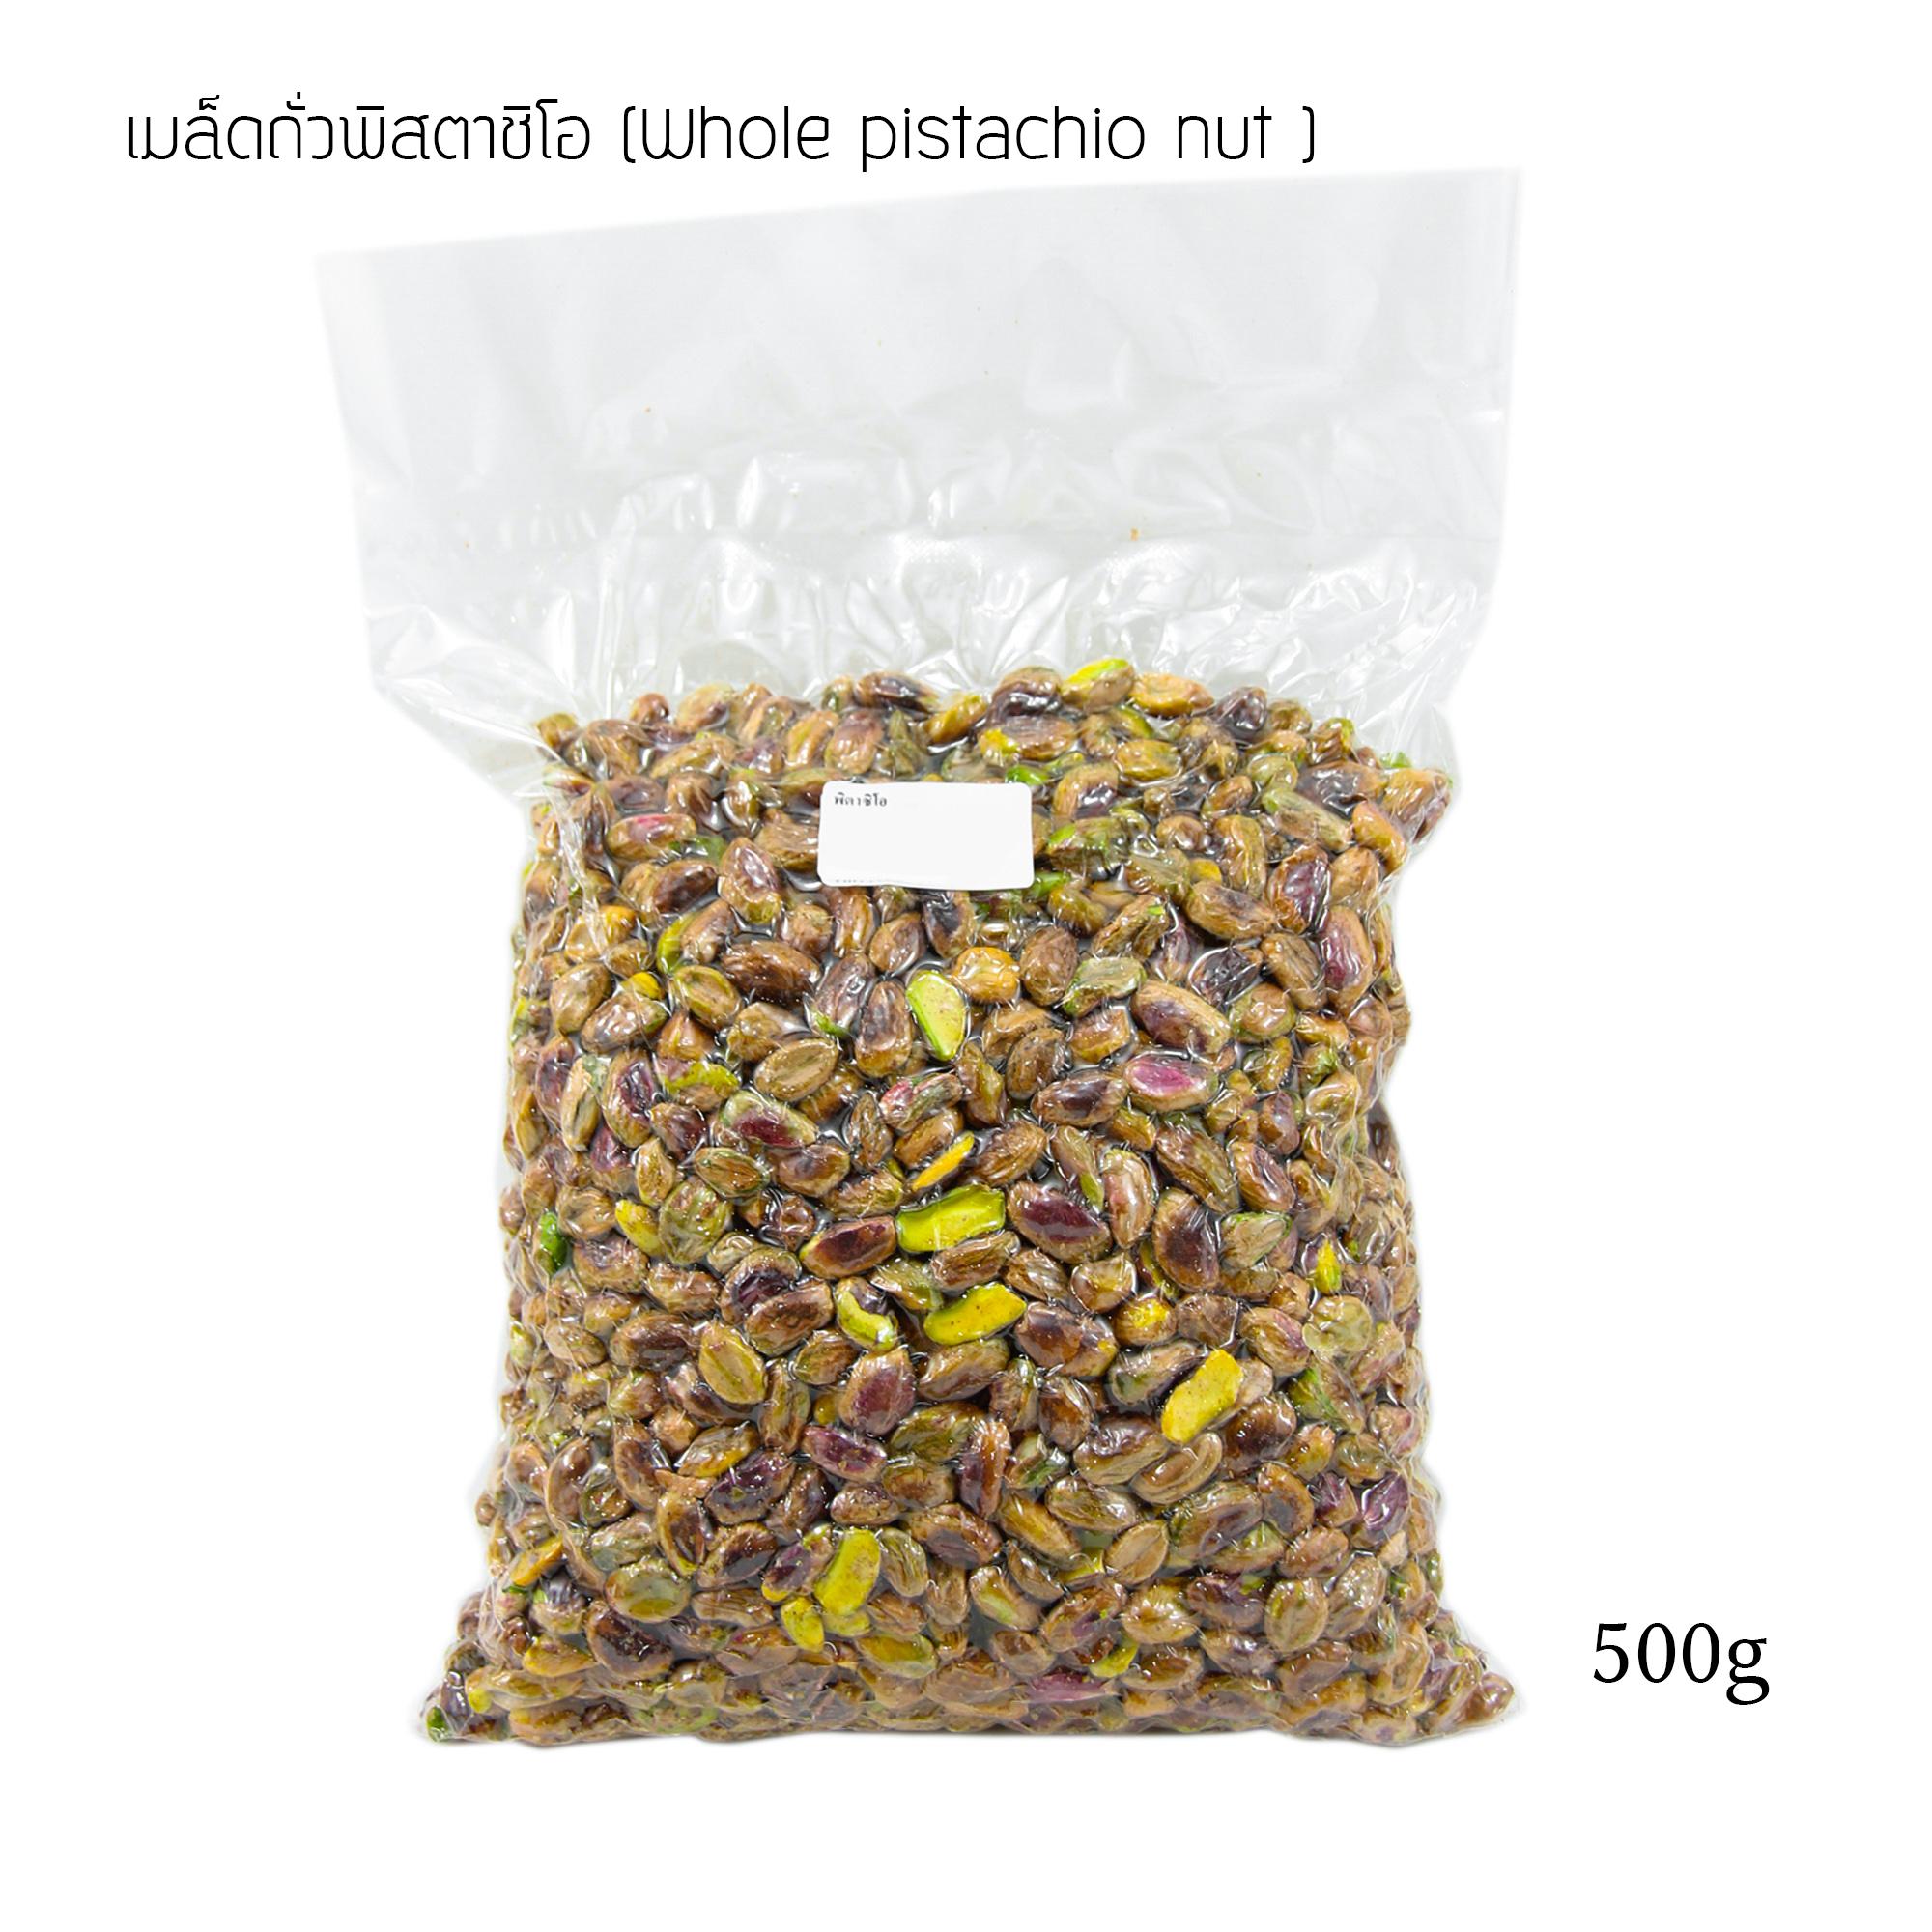 เมล็ดถั่วพิสตาชิโอ (Whole pistachio nut ) 500 kg